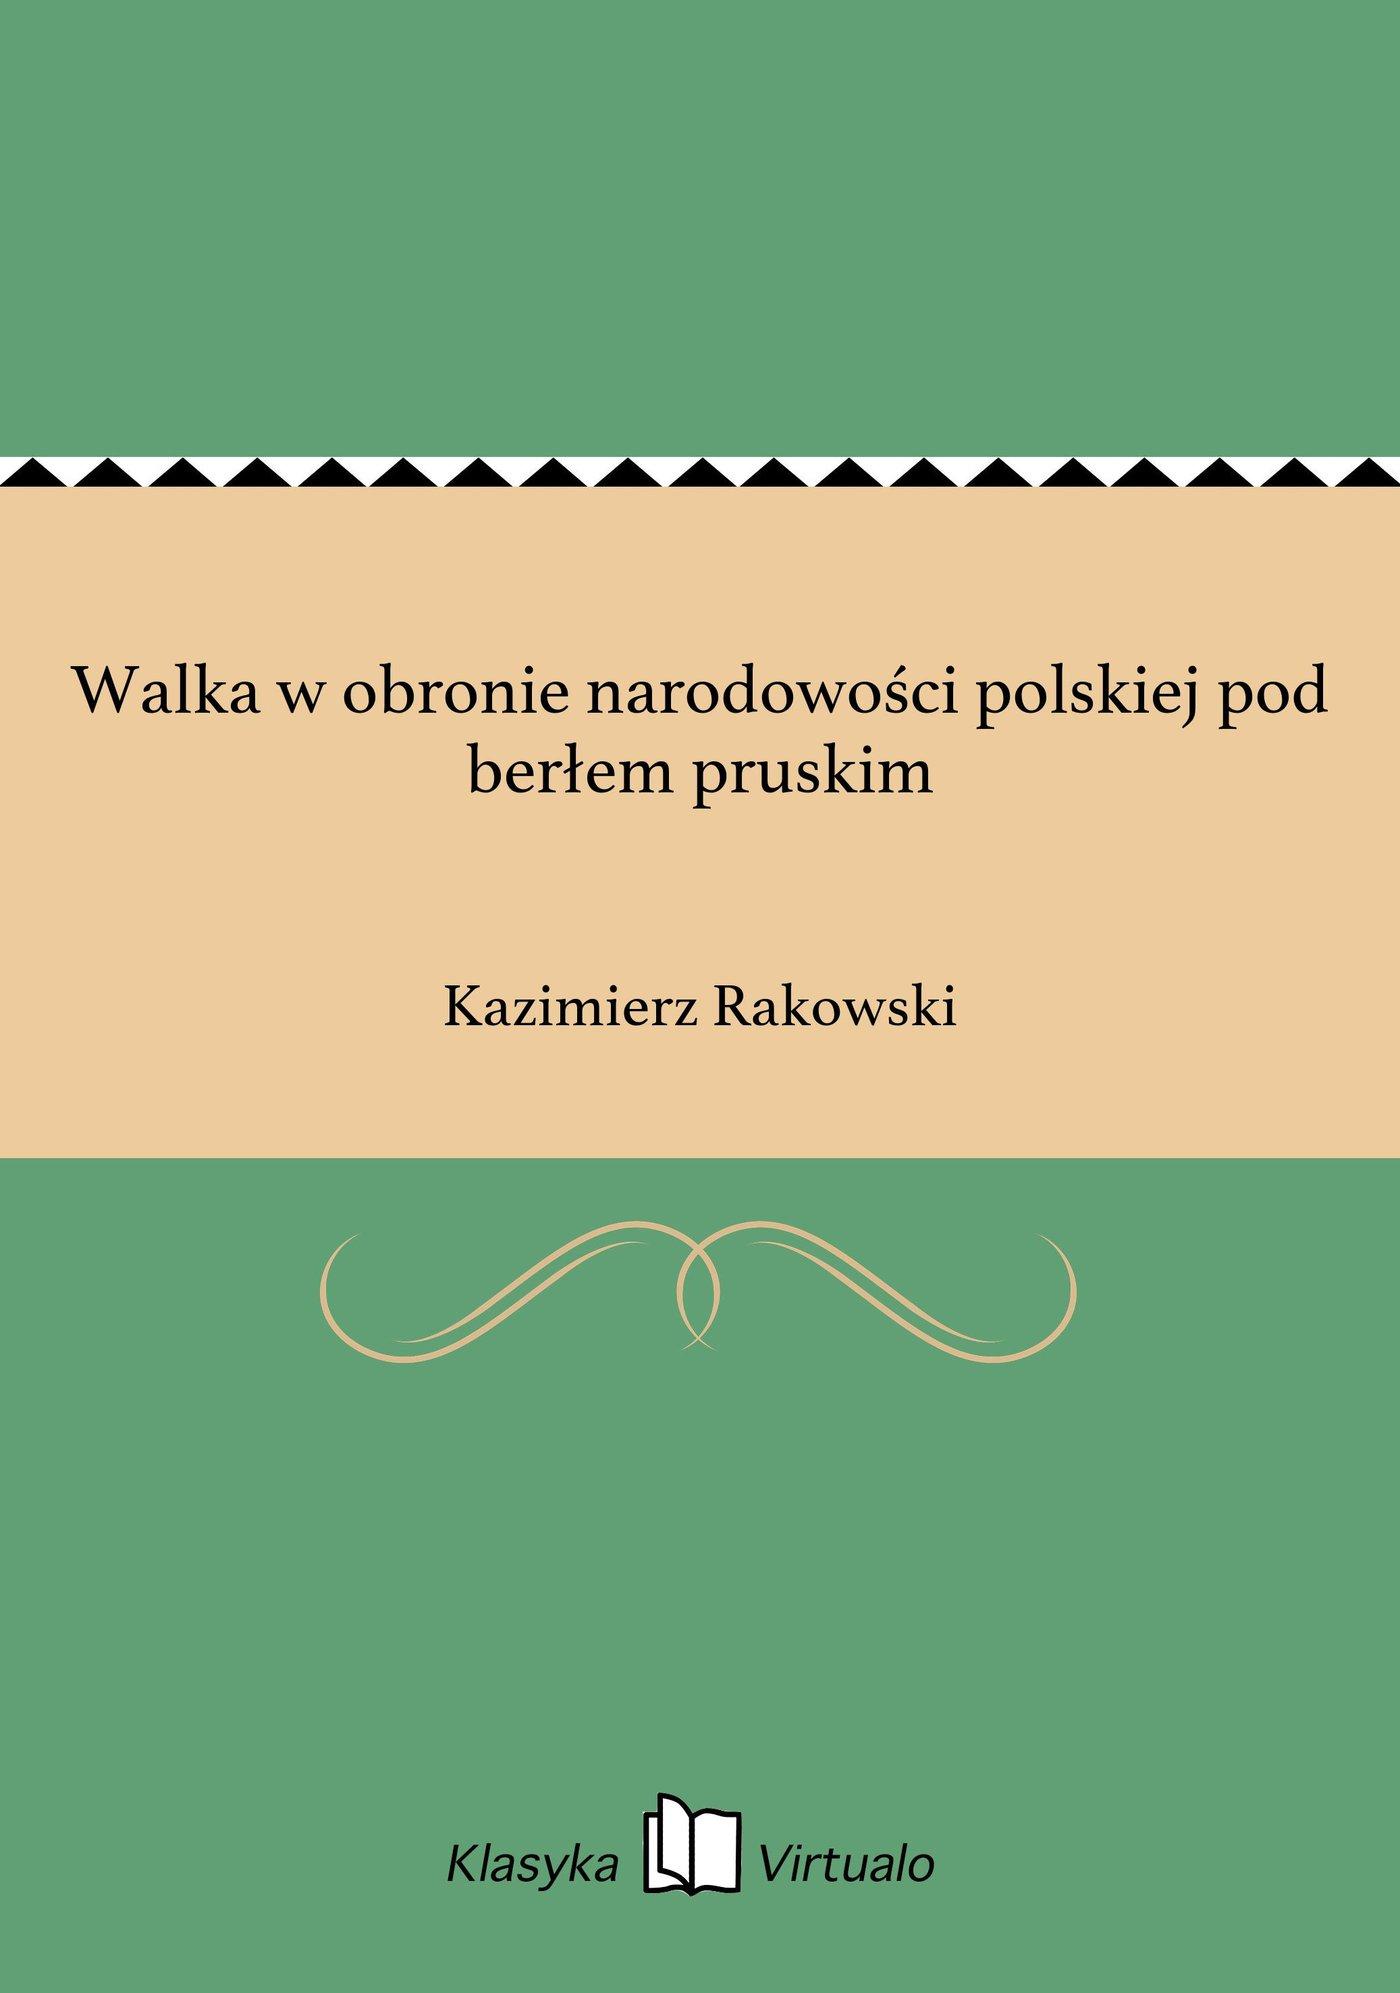 Walka w obronie narodowości polskiej pod berłem pruskim - Ebook (Książka EPUB) do pobrania w formacie EPUB